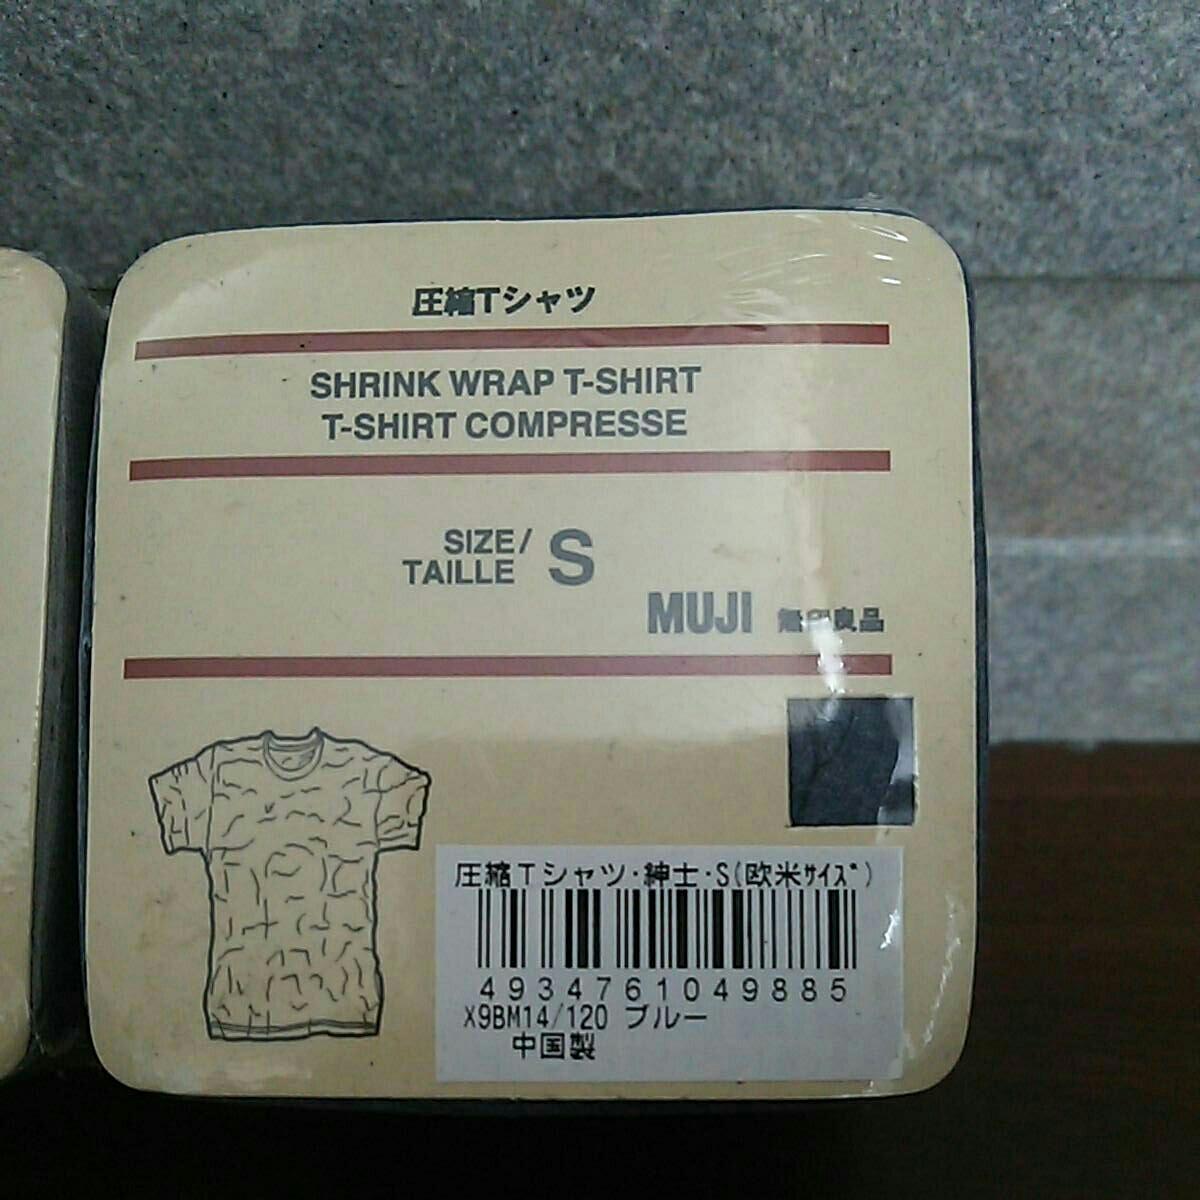 無印良品 美品 未開封 圧縮Tシャツ S(欧米サイズ)×3点+圧縮ストール(30×180cm)×1点 計4点 旅行 防災など 持ち運びに便利 定価4000_画像2